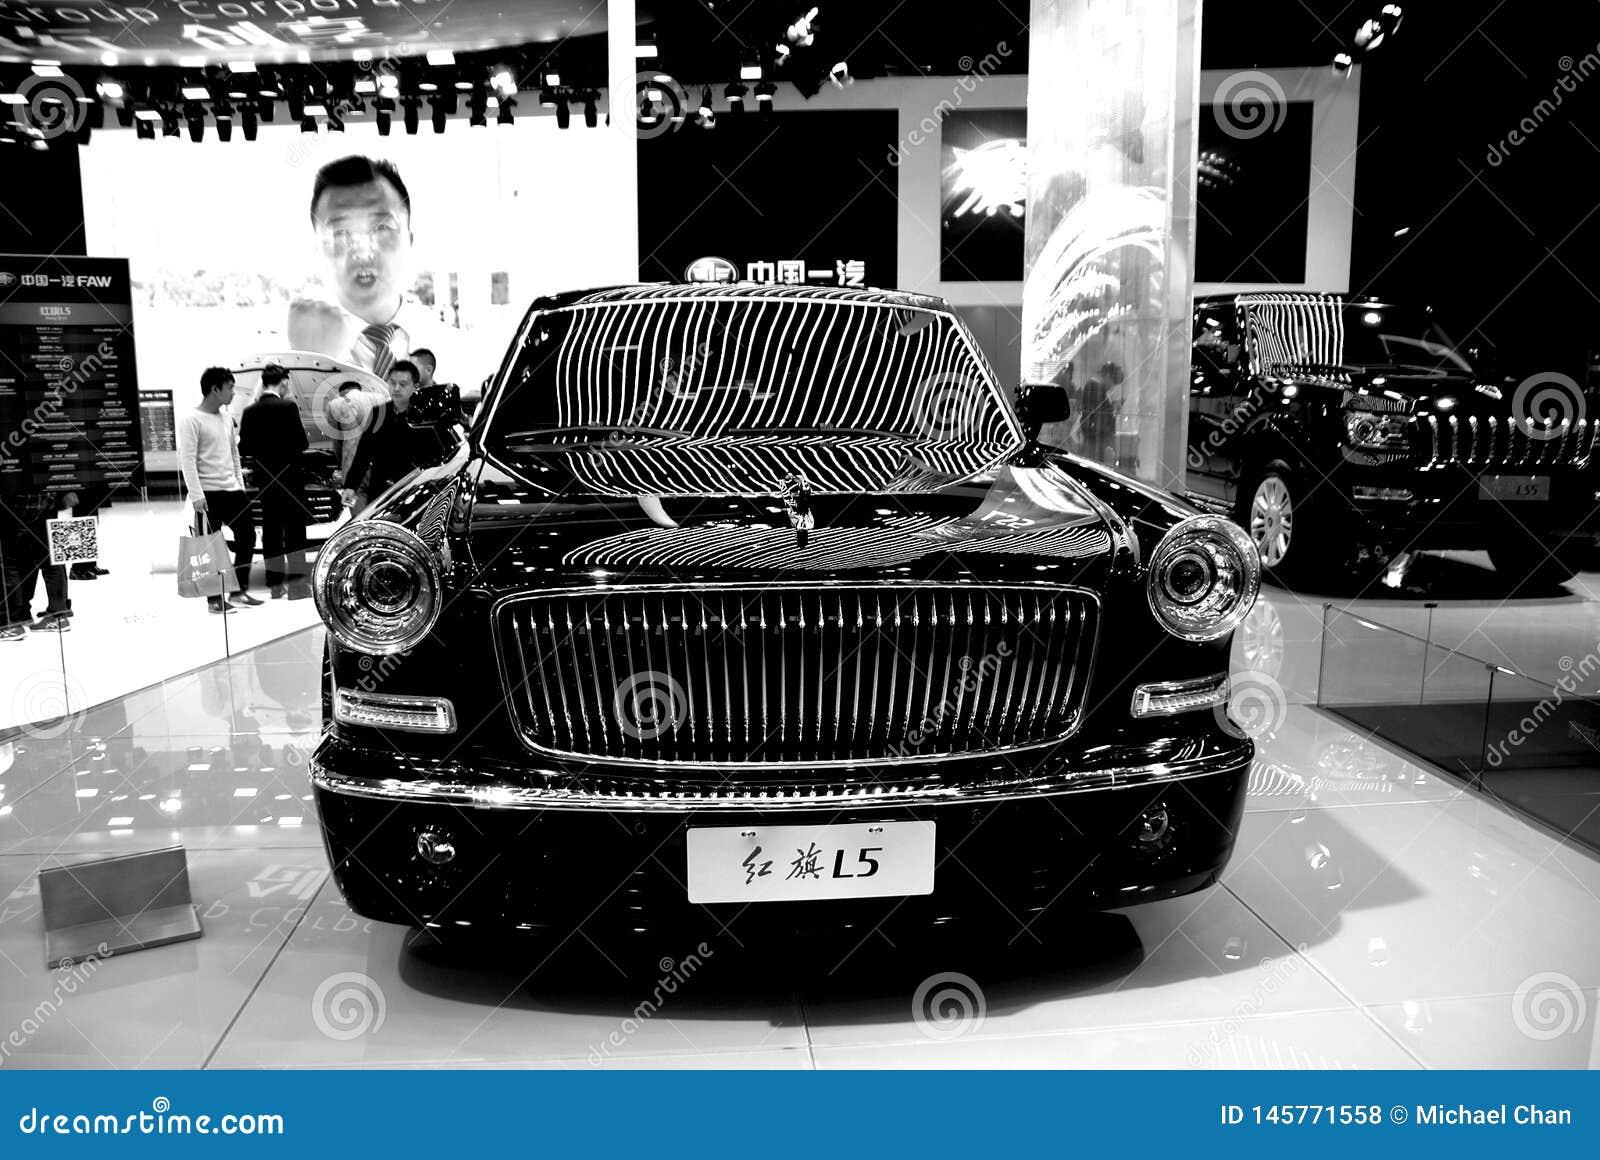 红旗汽车,高尚的秀丽汽车模型